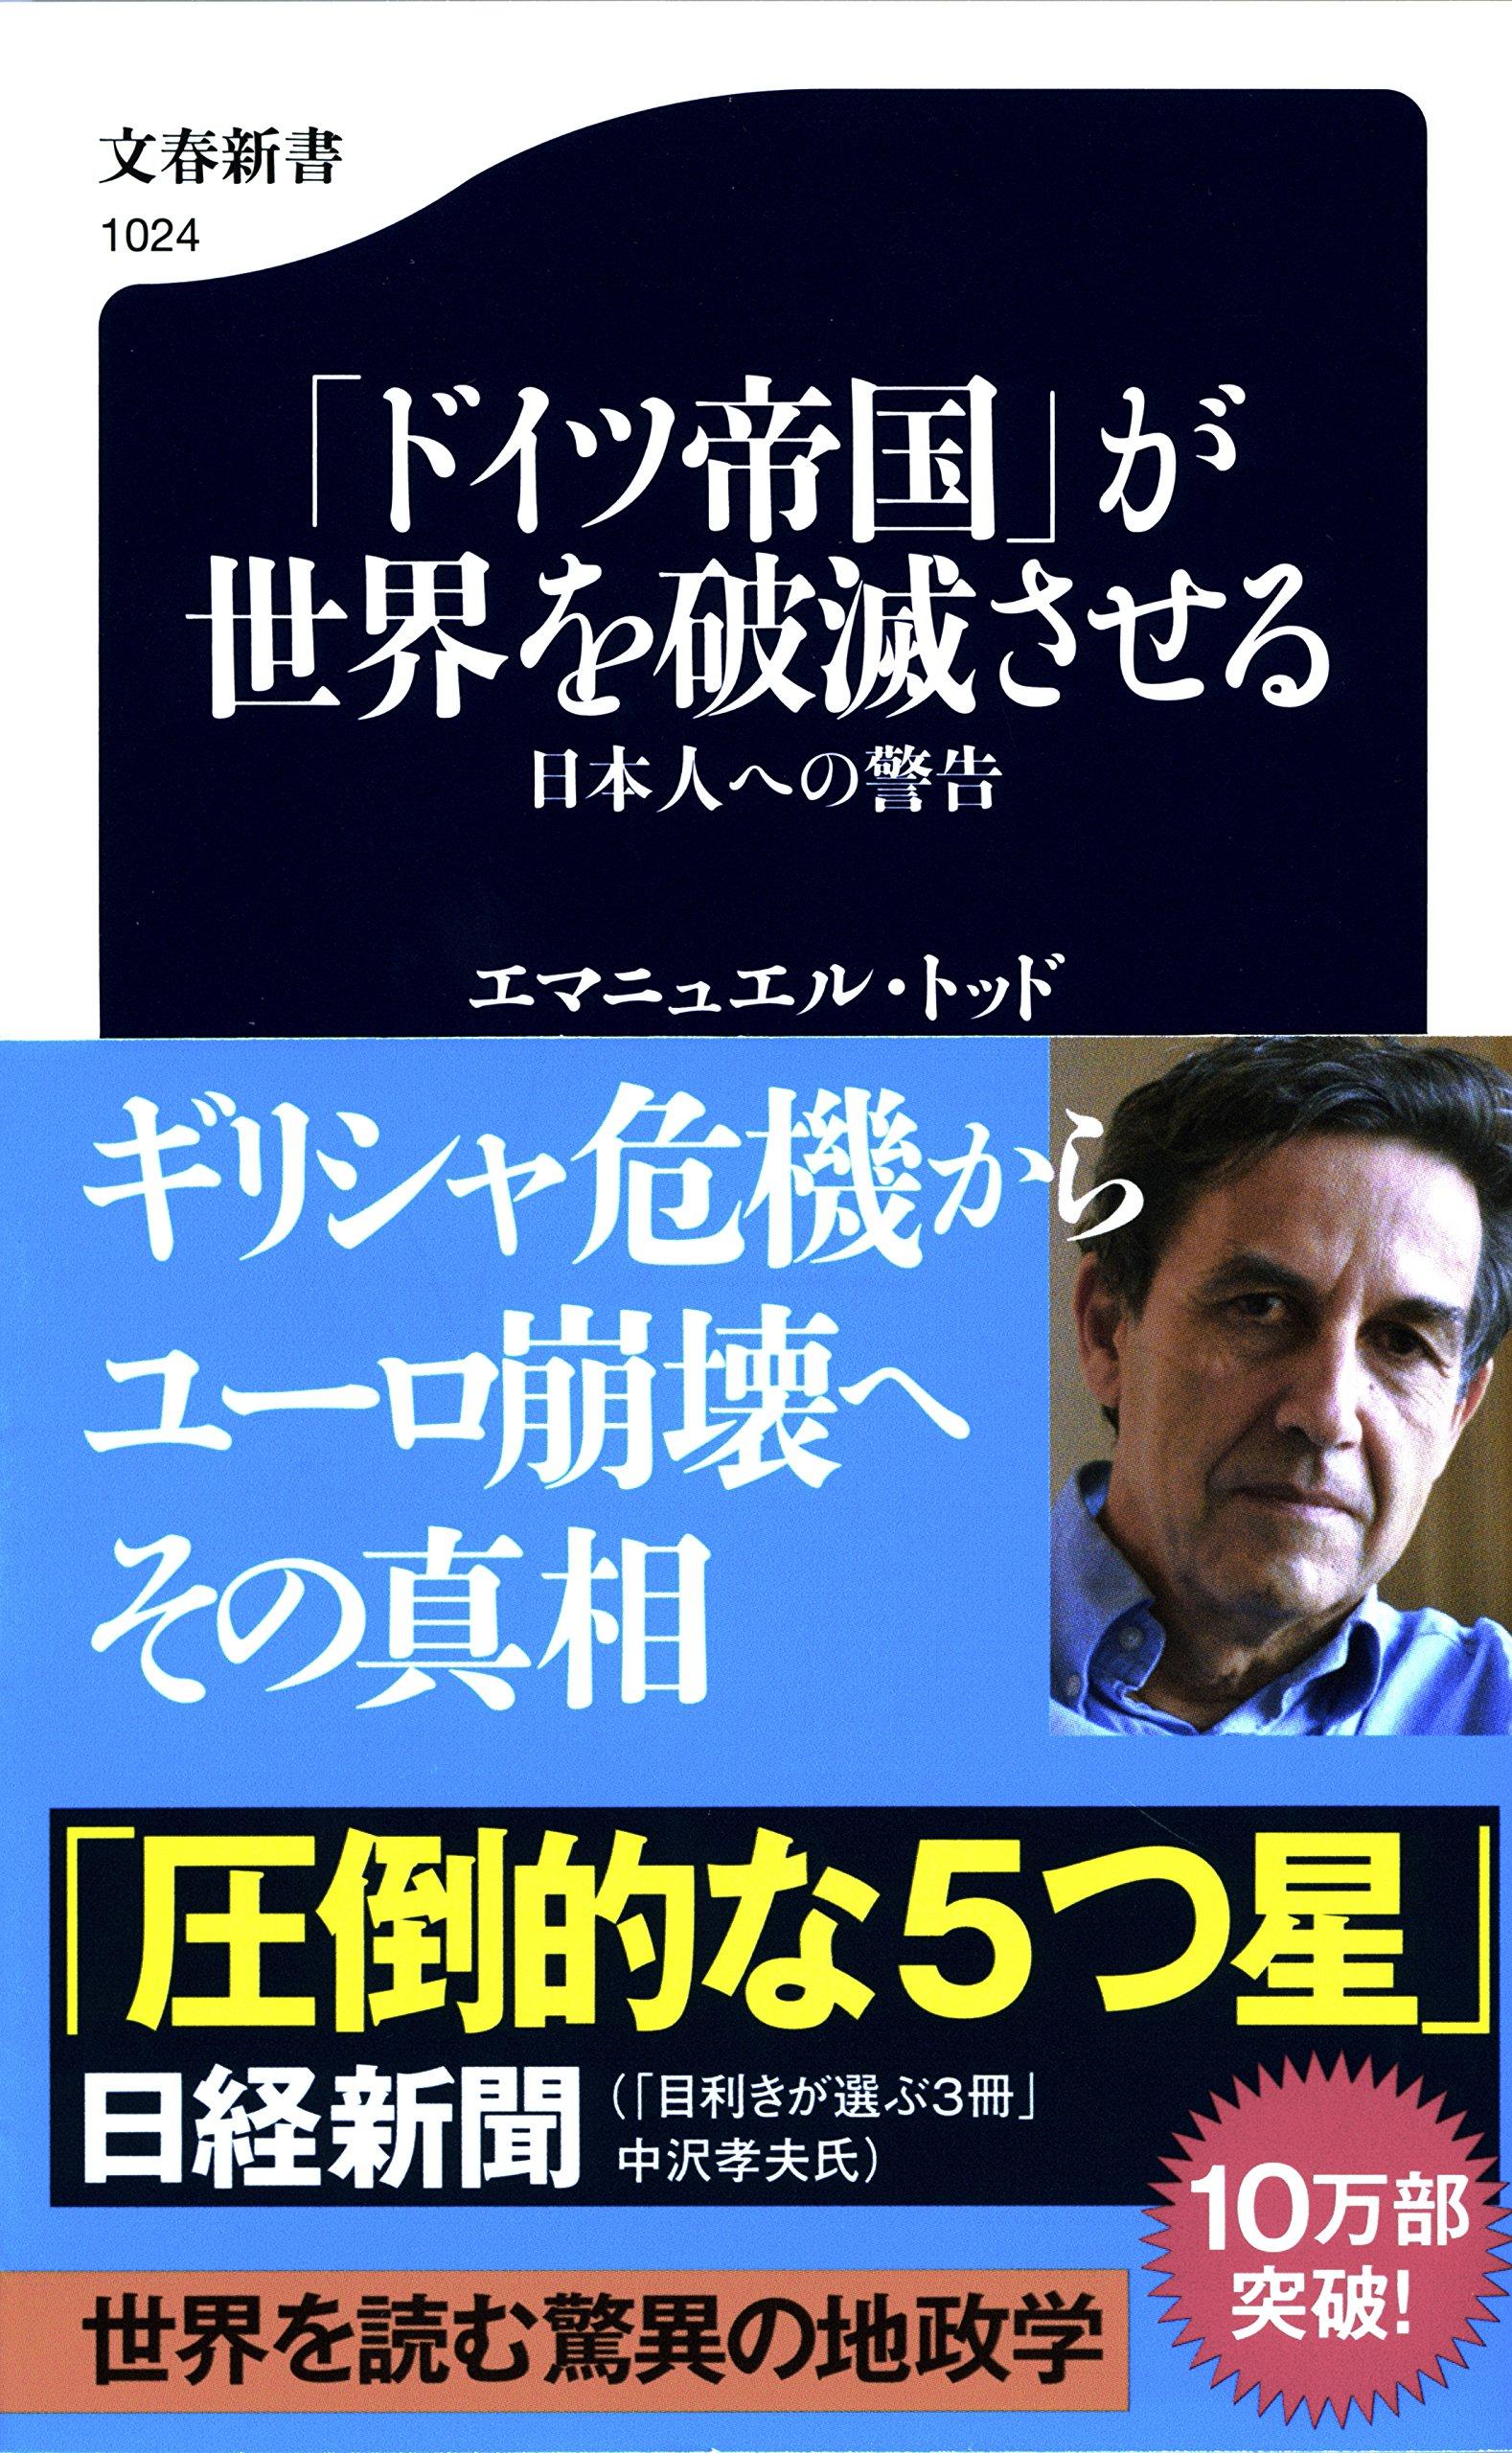 『「ドイツ帝国」が世界を破滅させる 日本人への警告』 (エマニュエル・トッド 著、堀茂樹 翻訳/文春新書)